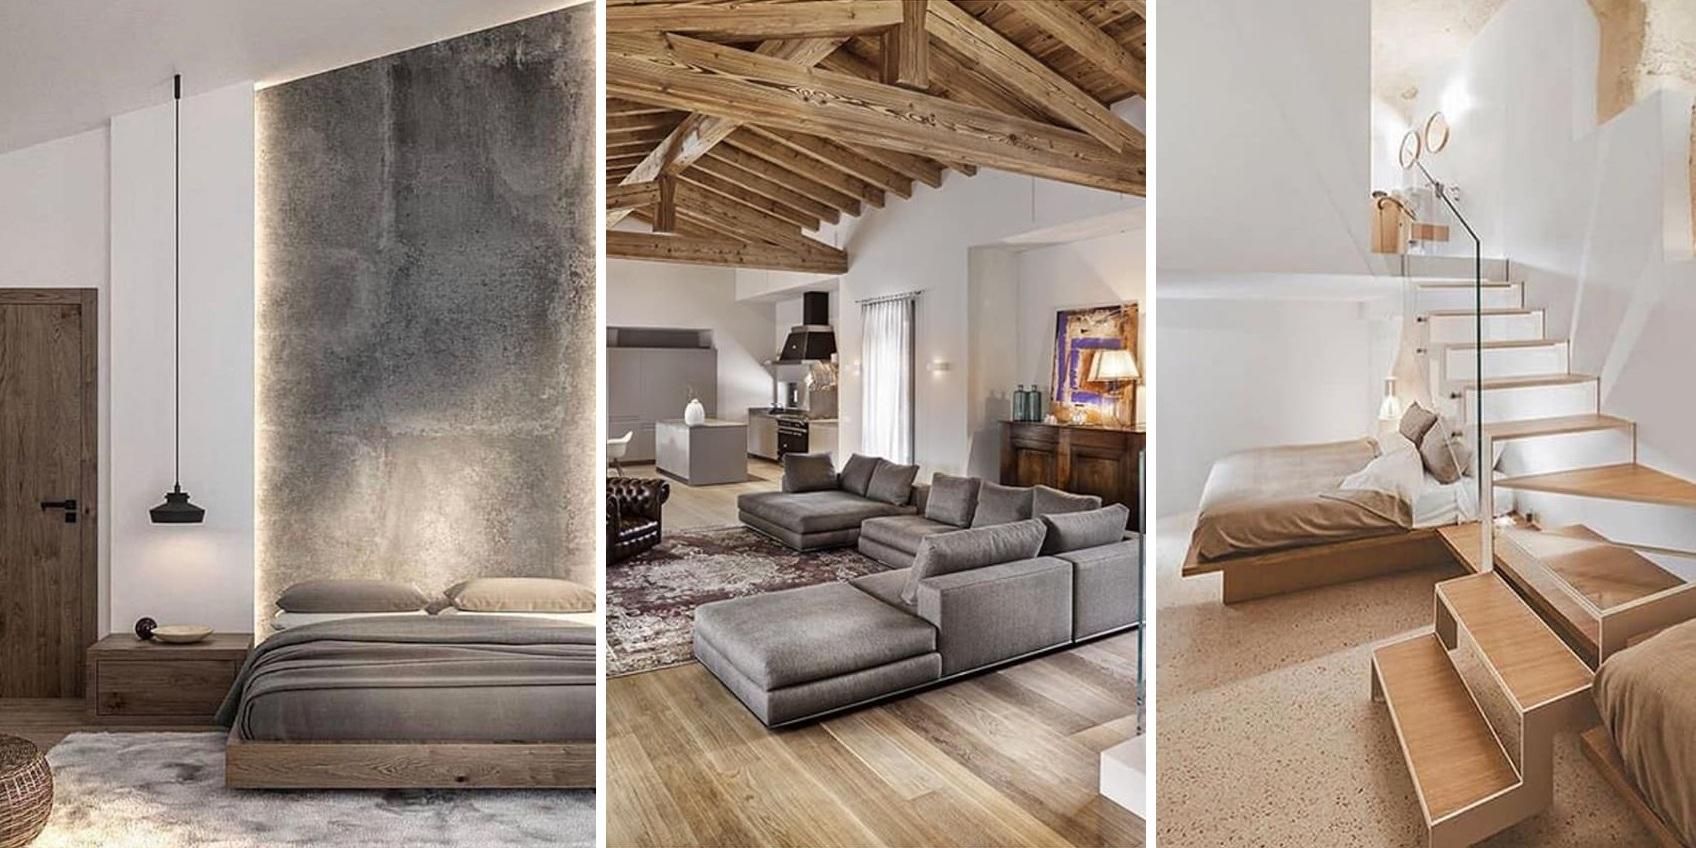 Stil-casa-belsito-arredo-cucine-scale-cosenza-bbls-group-arredamento-salotto-caminetto-stanze-da-letto-1